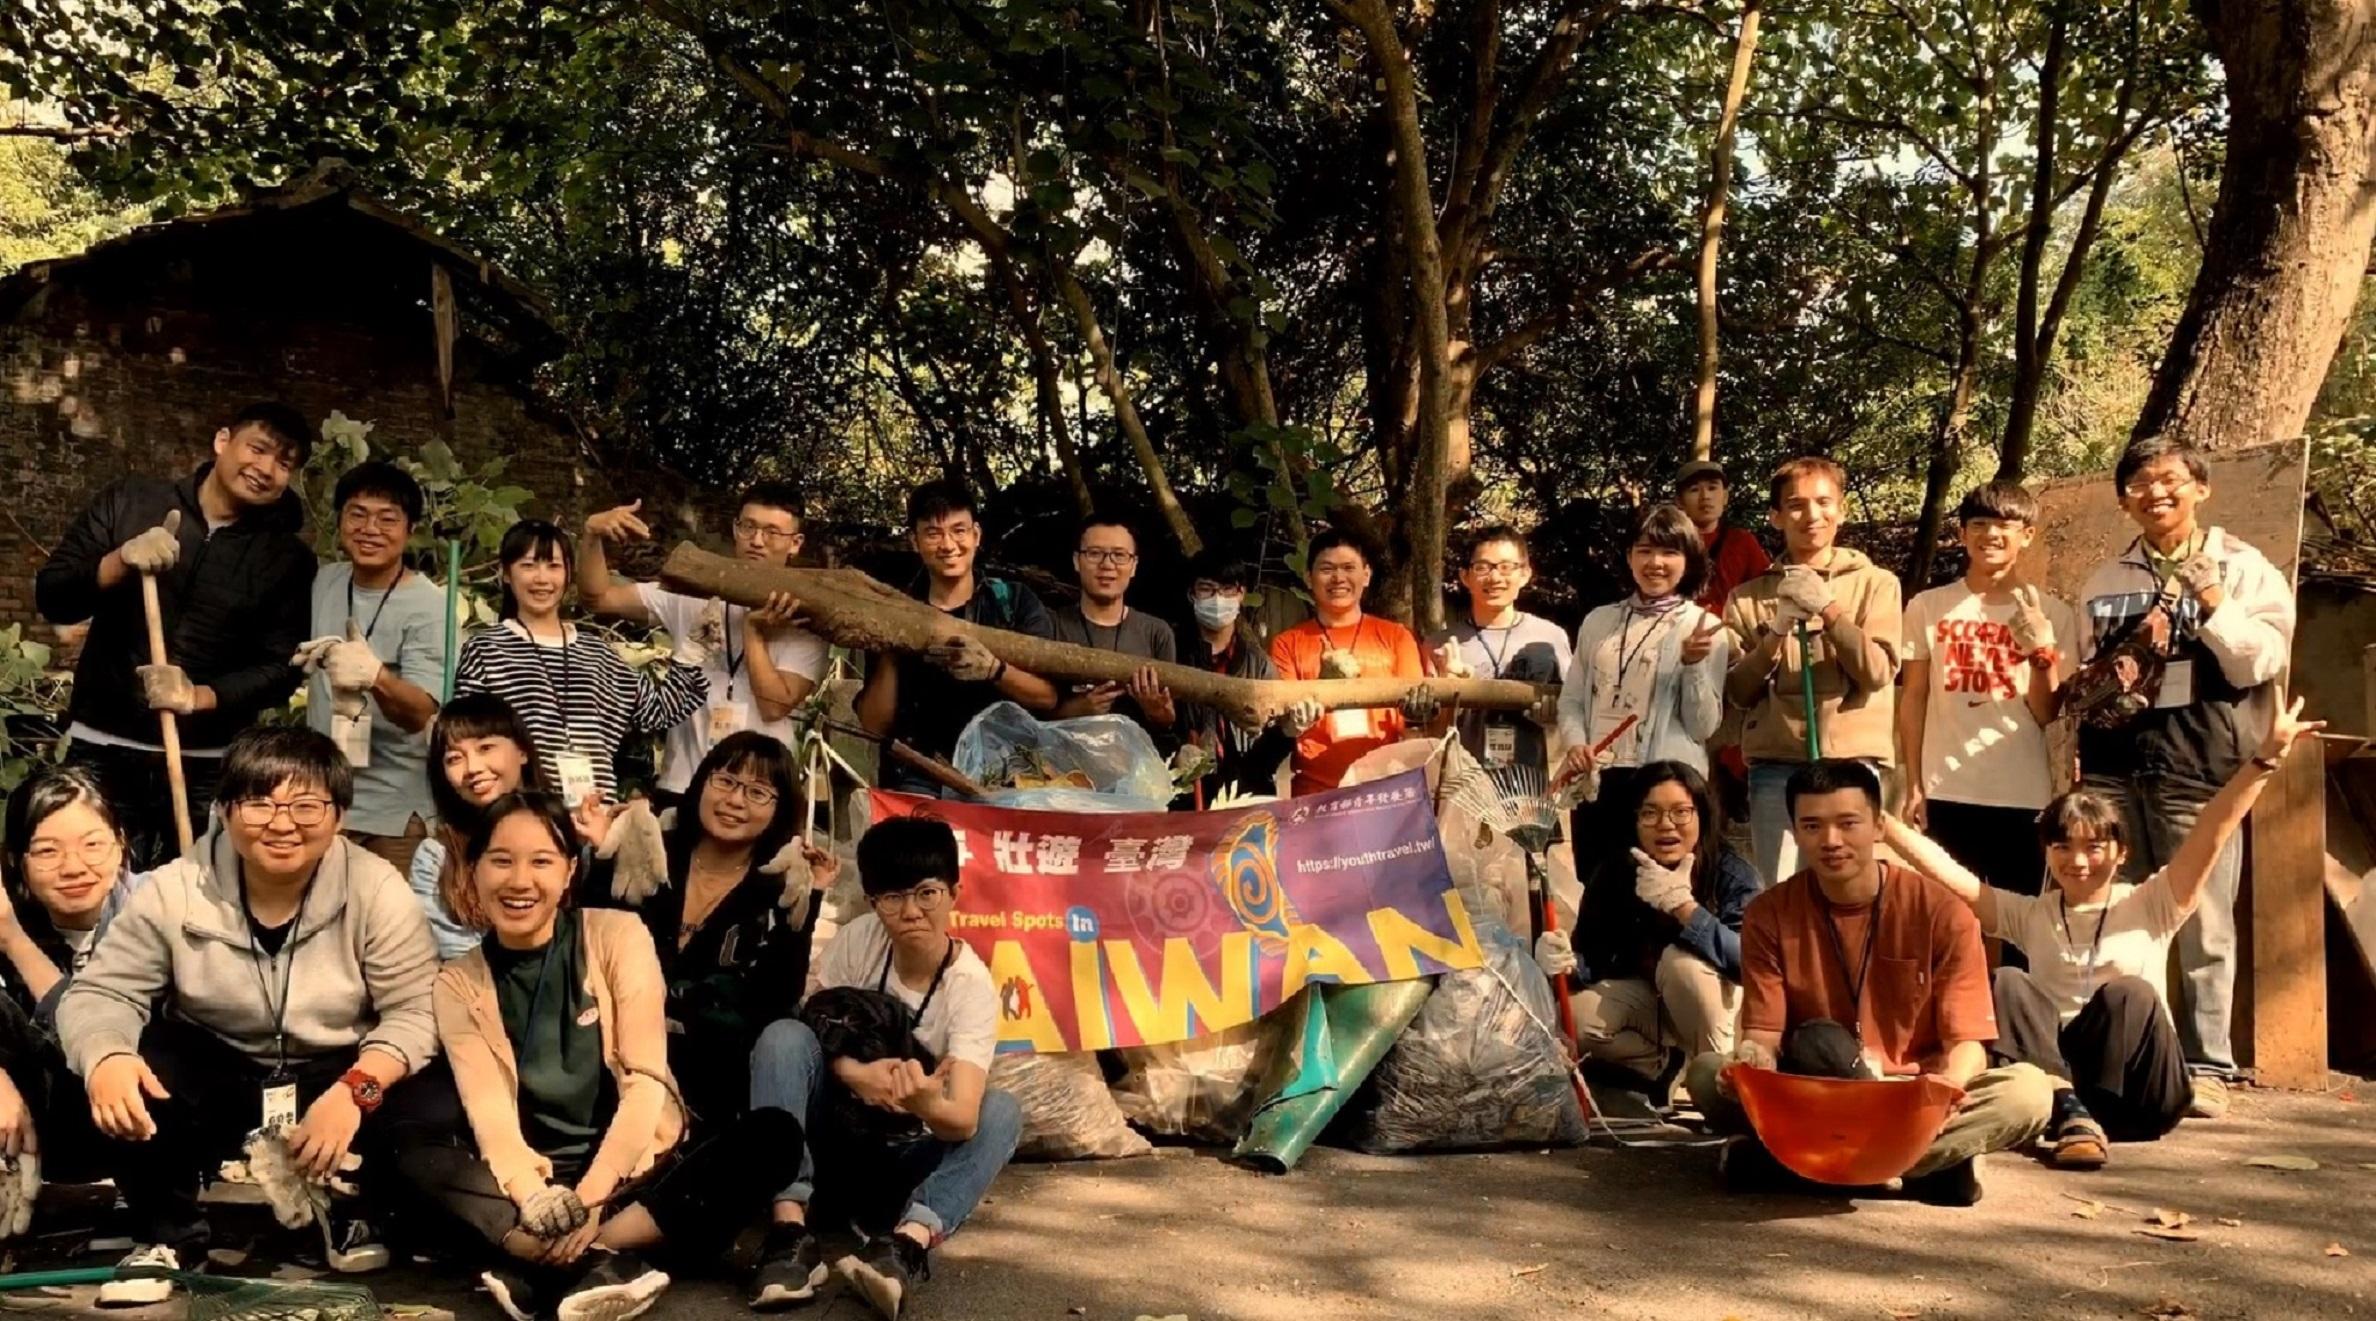 照片2-與青年壯遊夥伴們一起打掃眷村,一起為眷村的保存及活化作出貢獻